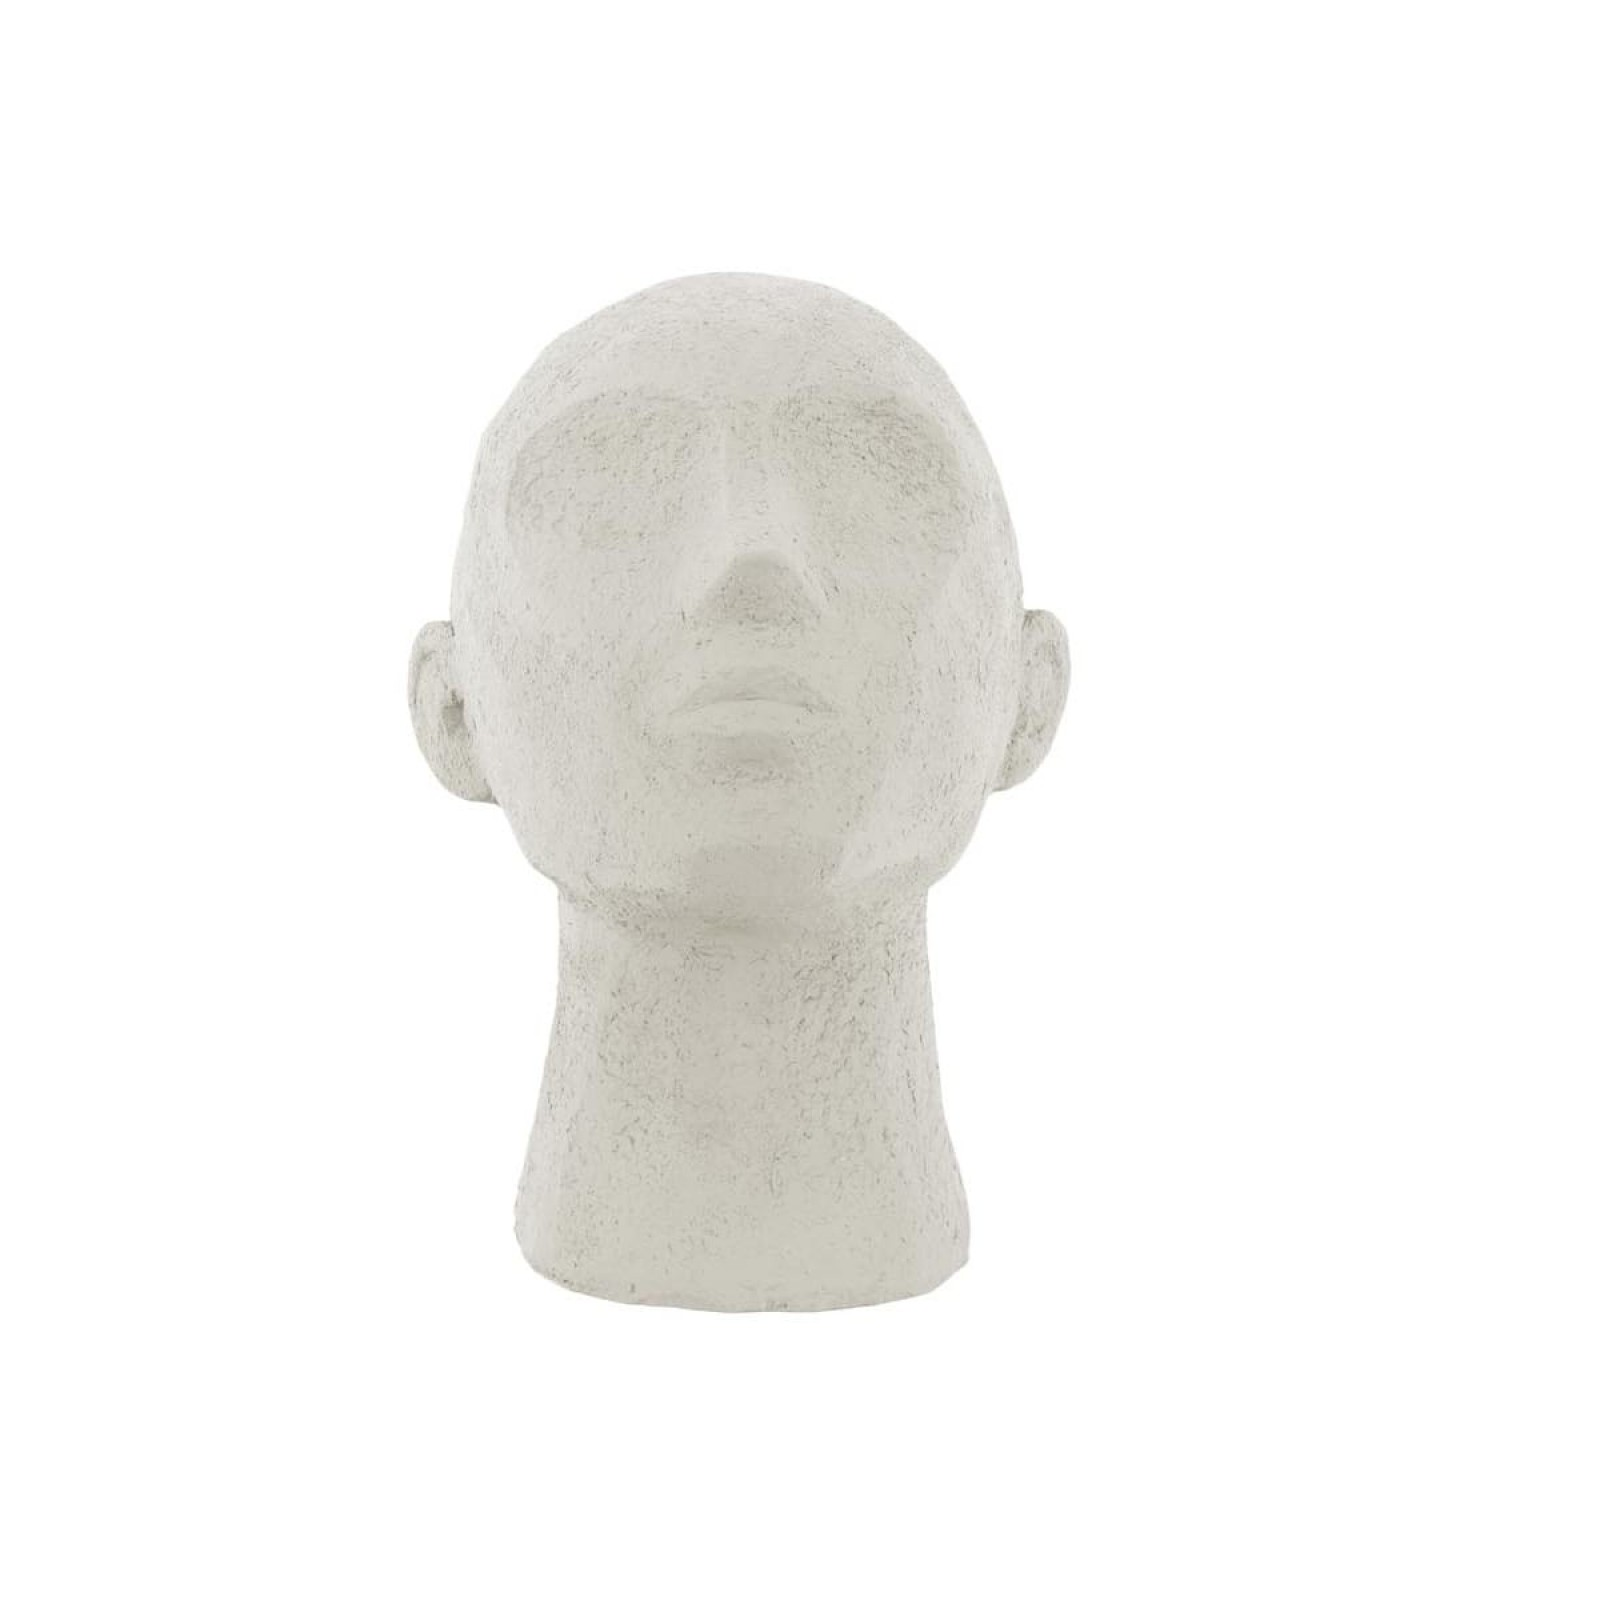 Διακοσμητικό Αγαλματίδιο Face Art Up (Ιβουάρ) - Present Time